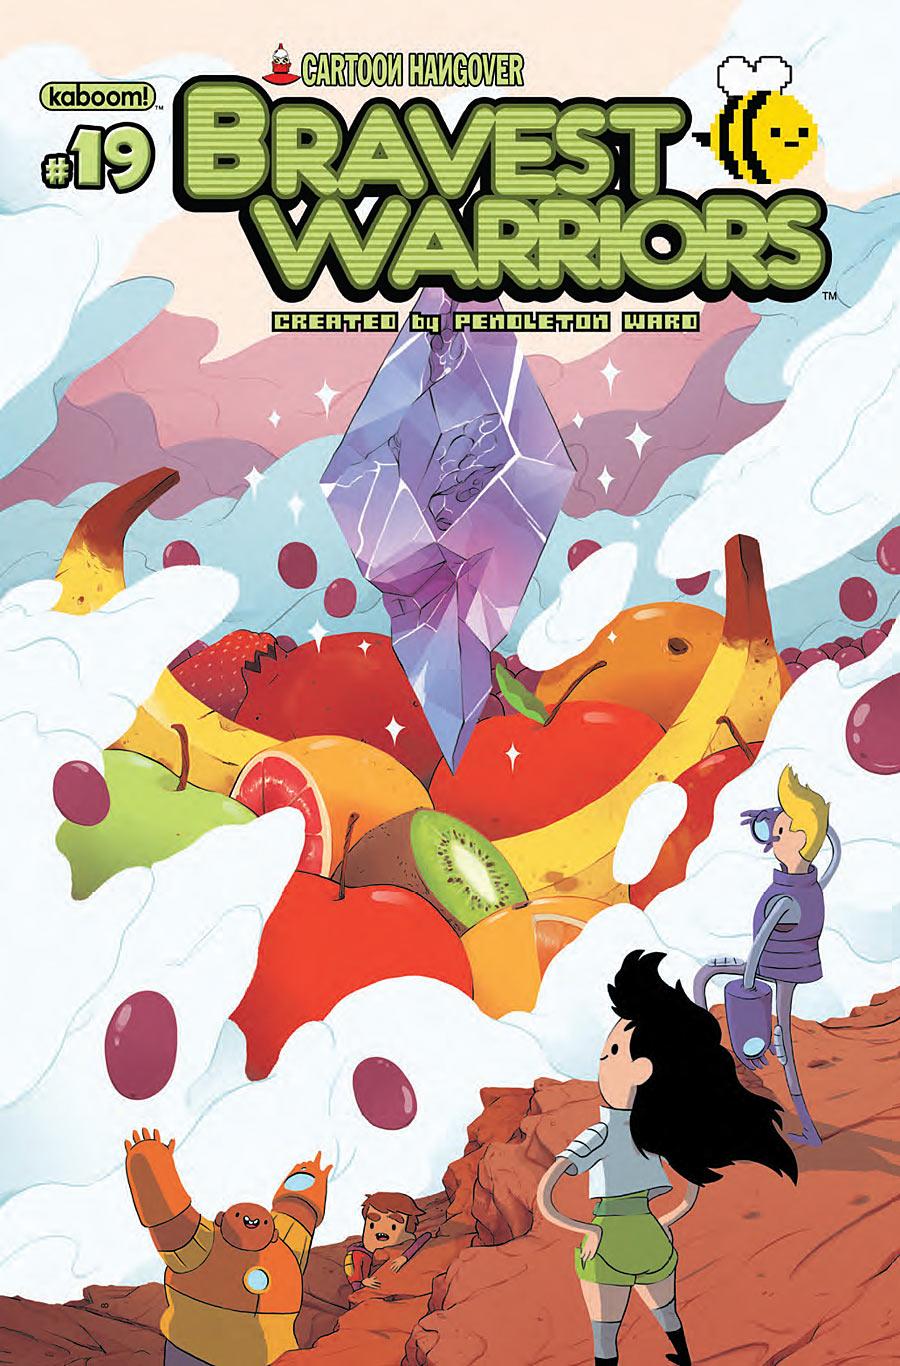 Bravest Warriors #19